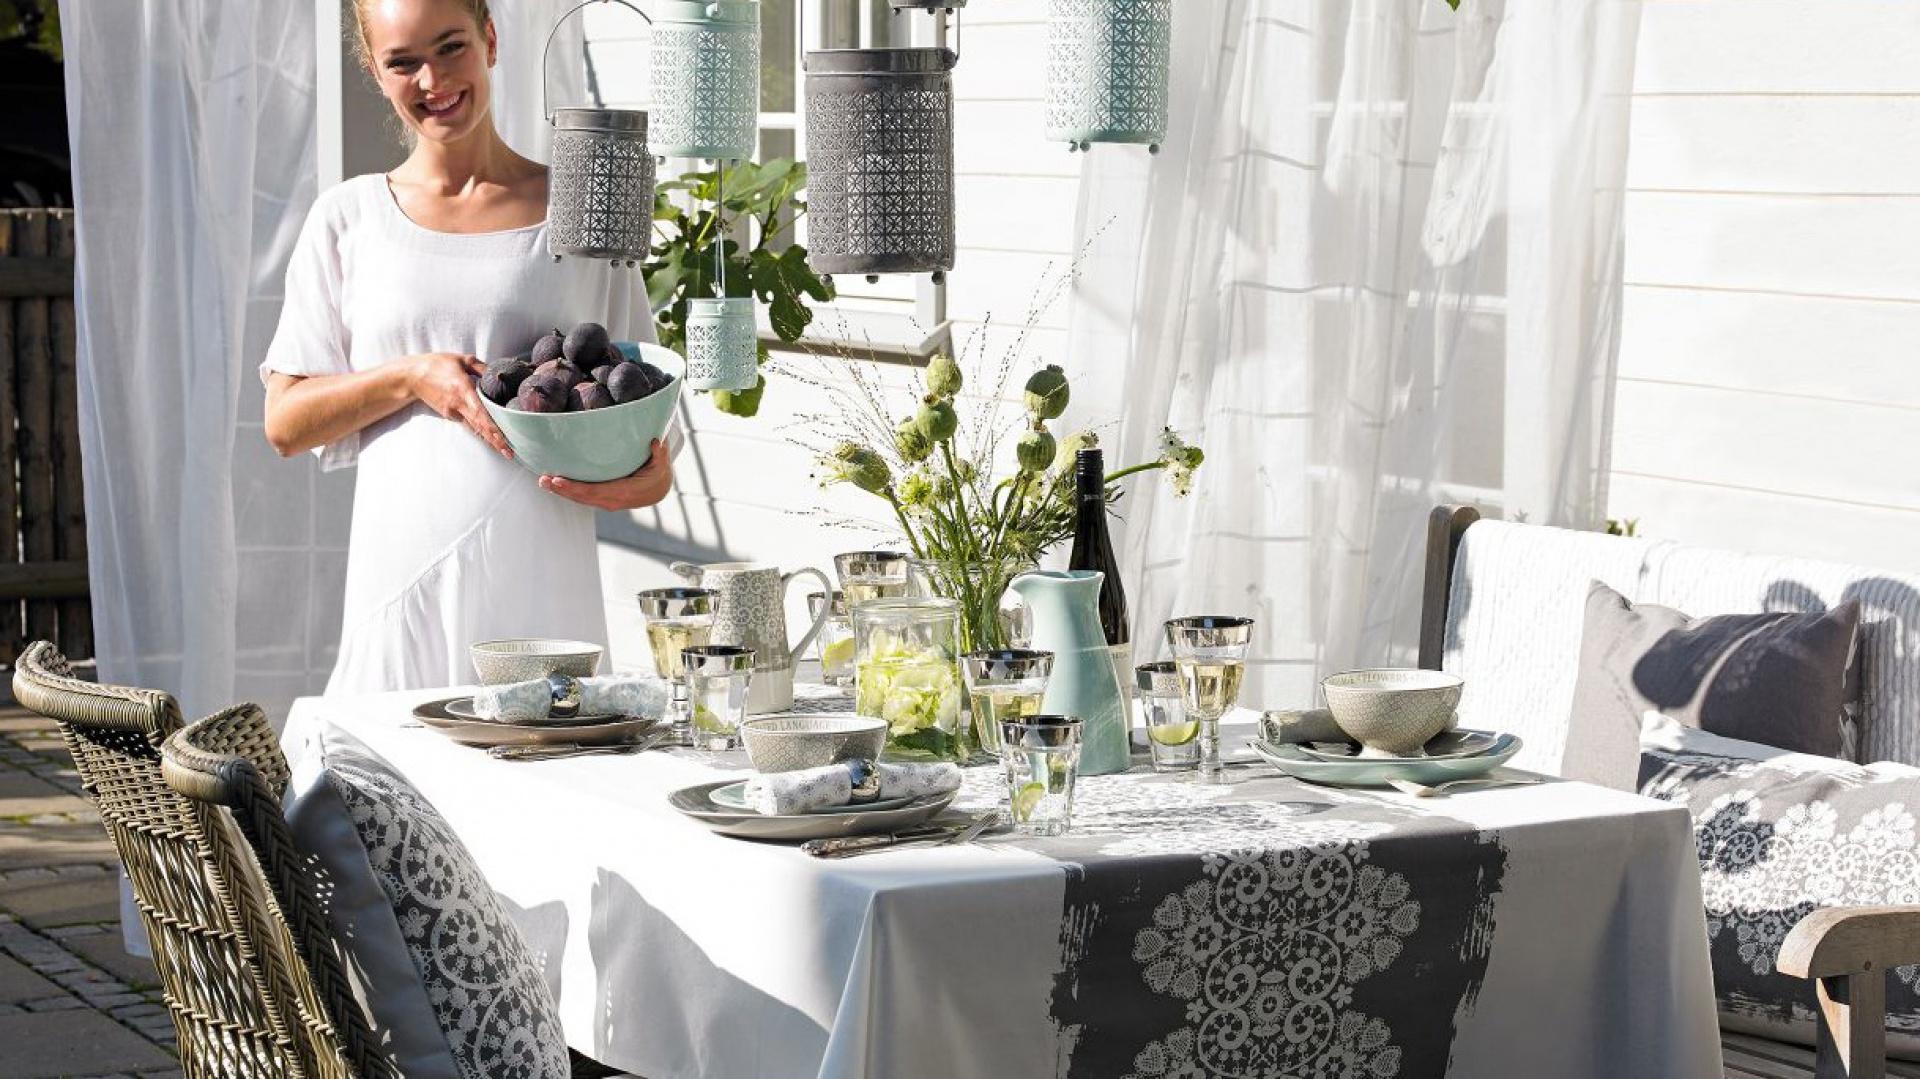 Subtelne kolory i smukłe wzory zastawy stołowej Joyce z najnowszej kolekcji marki Green Gate uczynią każde przyjęcie idealnym. Zdjęcie Green Gate/Wonderhome.pl odnajdziecie także na okładce najnowszego magazynu Dobrze Mieszkaj - już w sprzedaży.